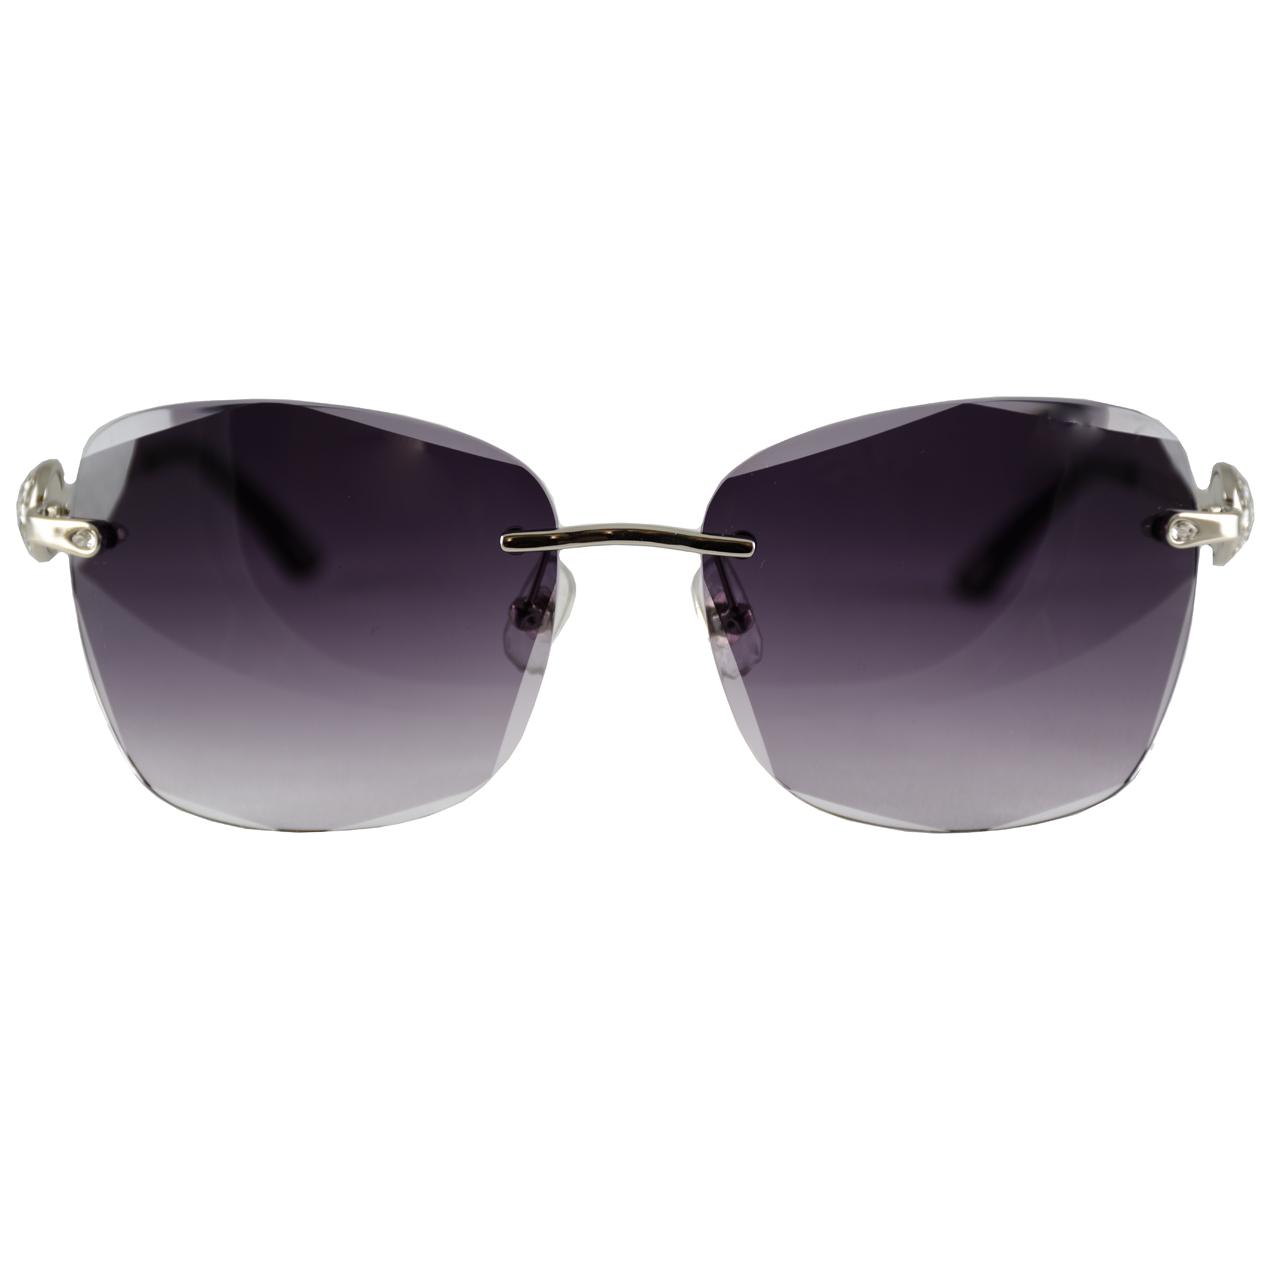 عینک آفتابی شوپارد مدل SCHB22S-579B-org69